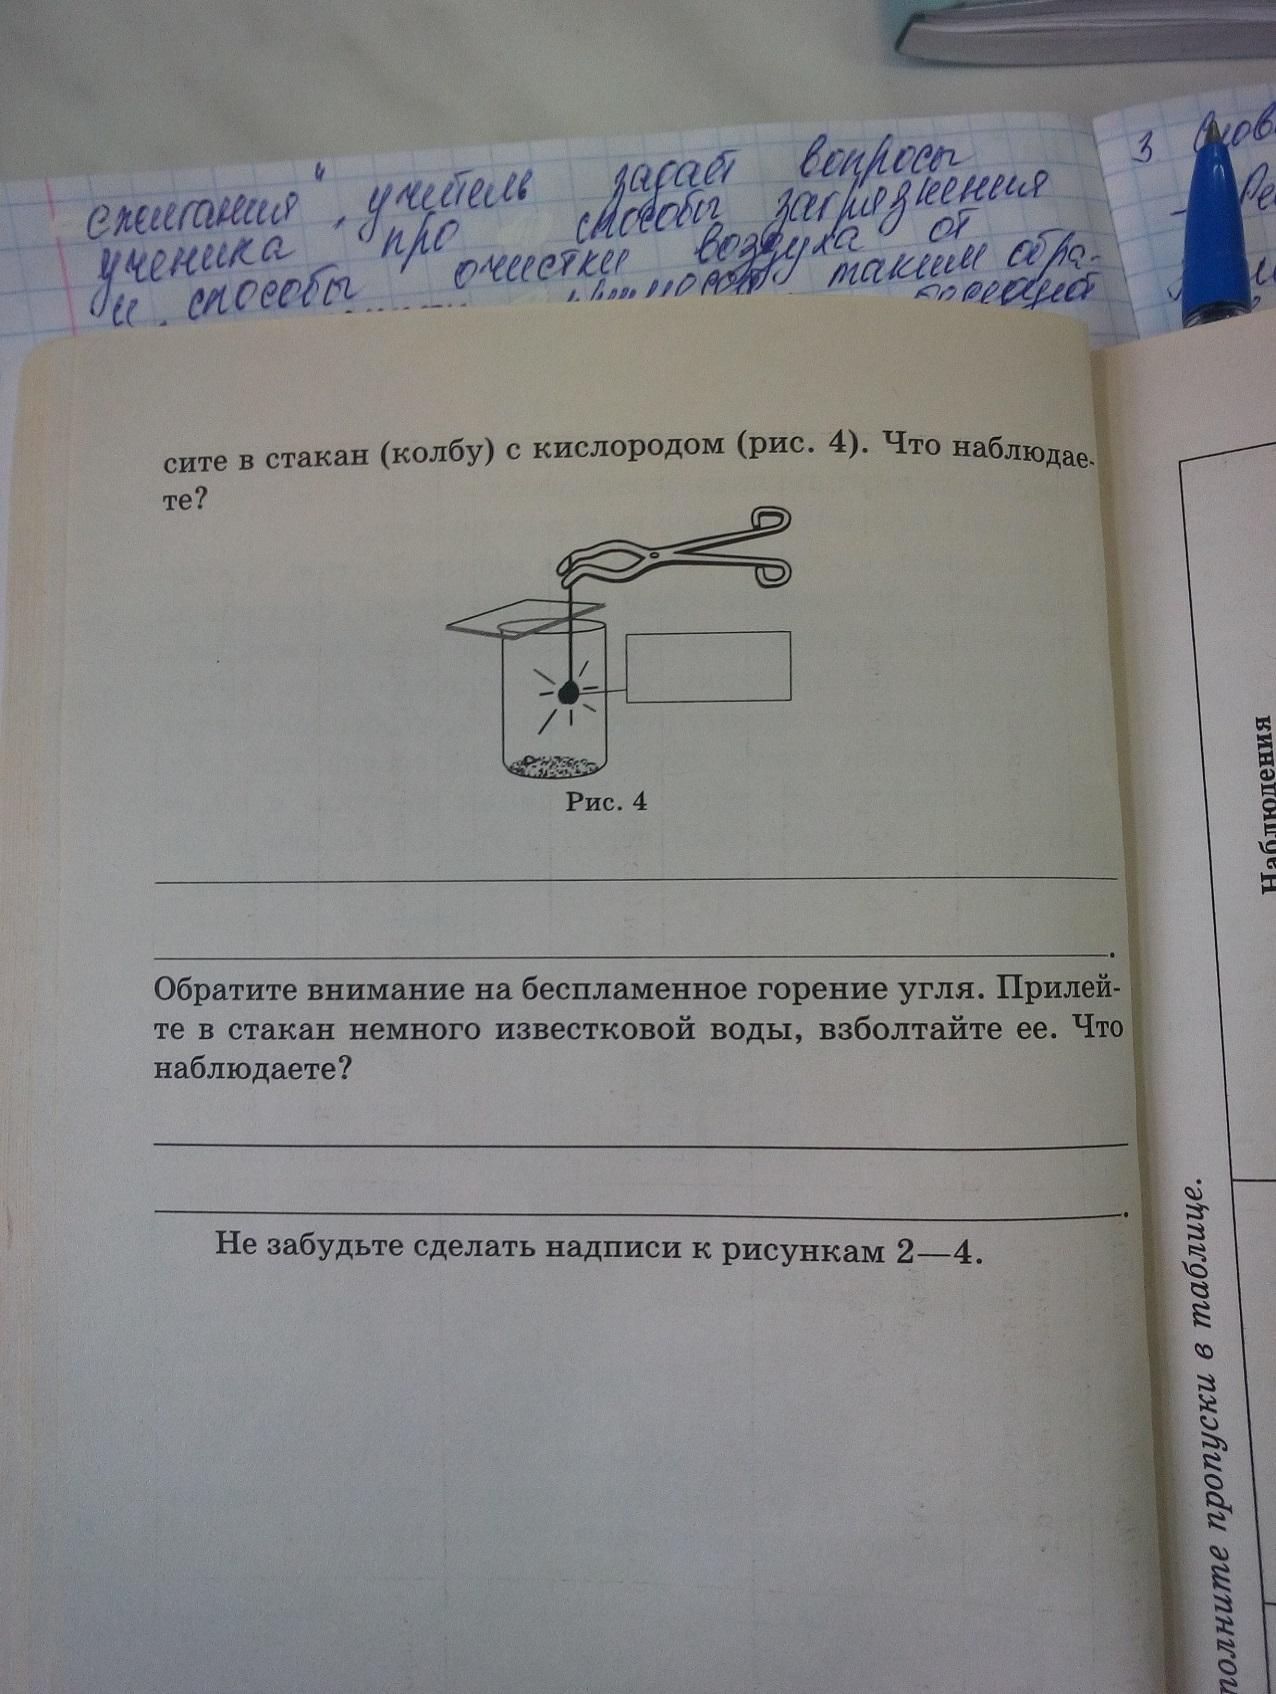 Практическая работа по химии на тему Получение кислорода и  Доказательства присутствия co2 hello html m761adaee jpg